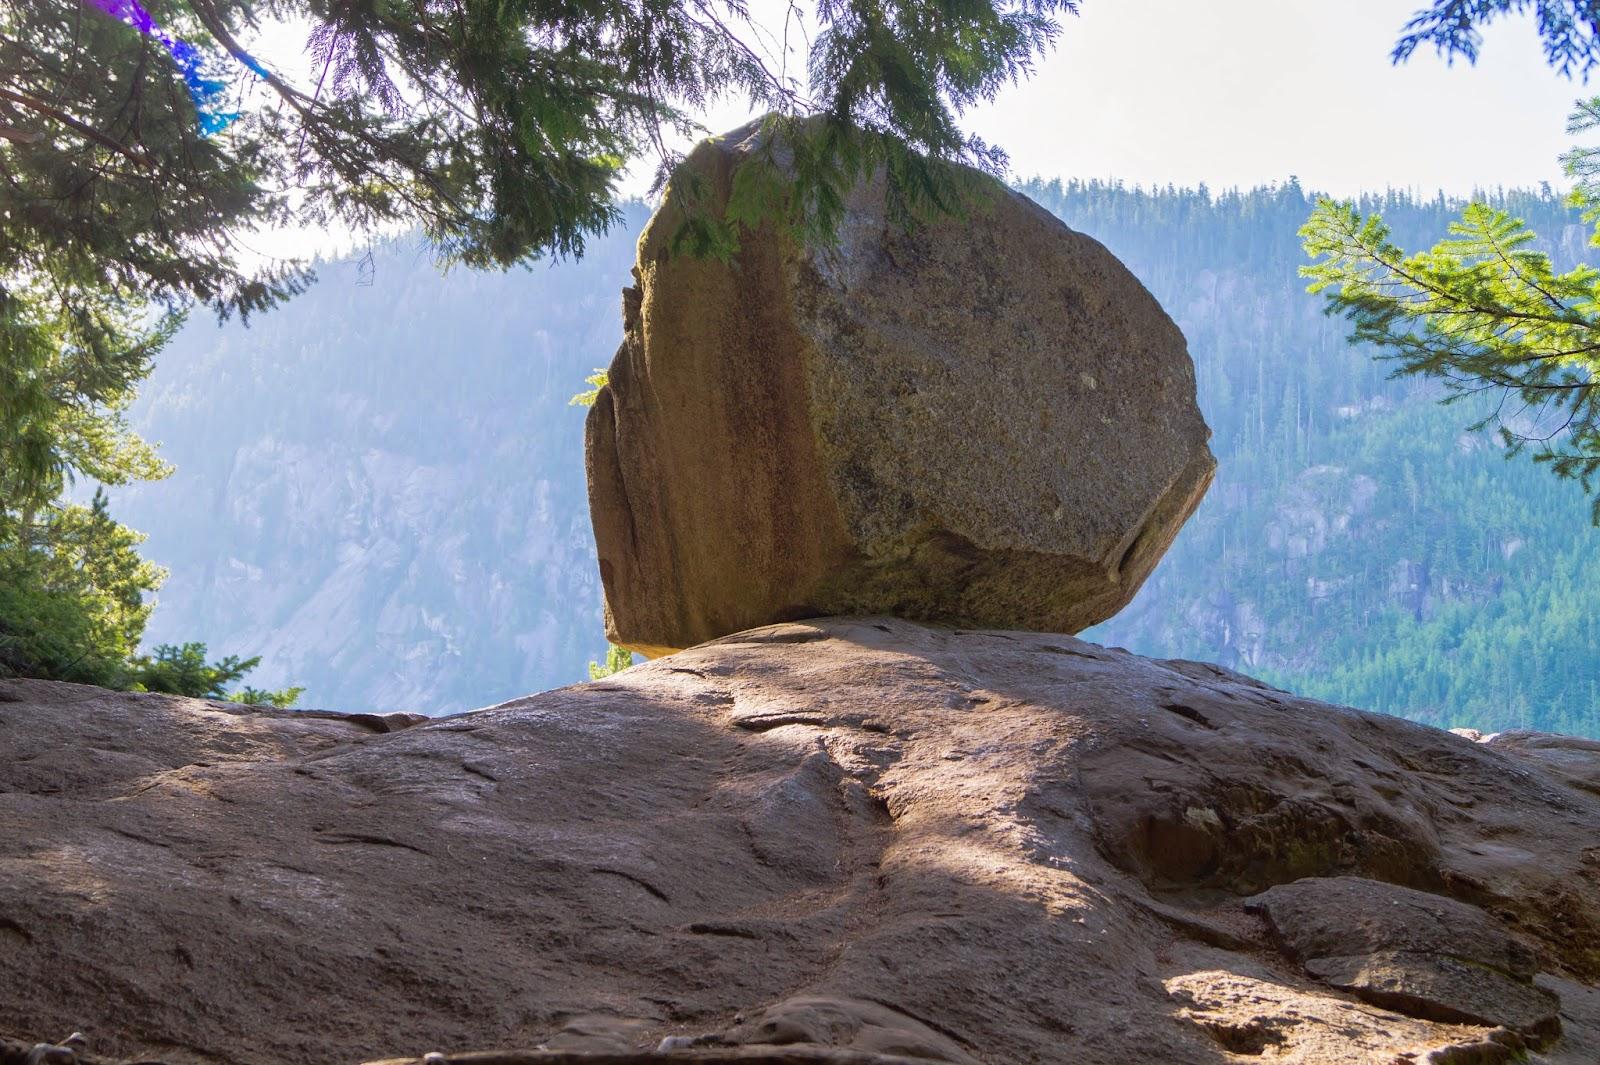 По пути можно полюбоваться осколком скалы, перенесённый на настоящее место льдами во времена ледникового периода.